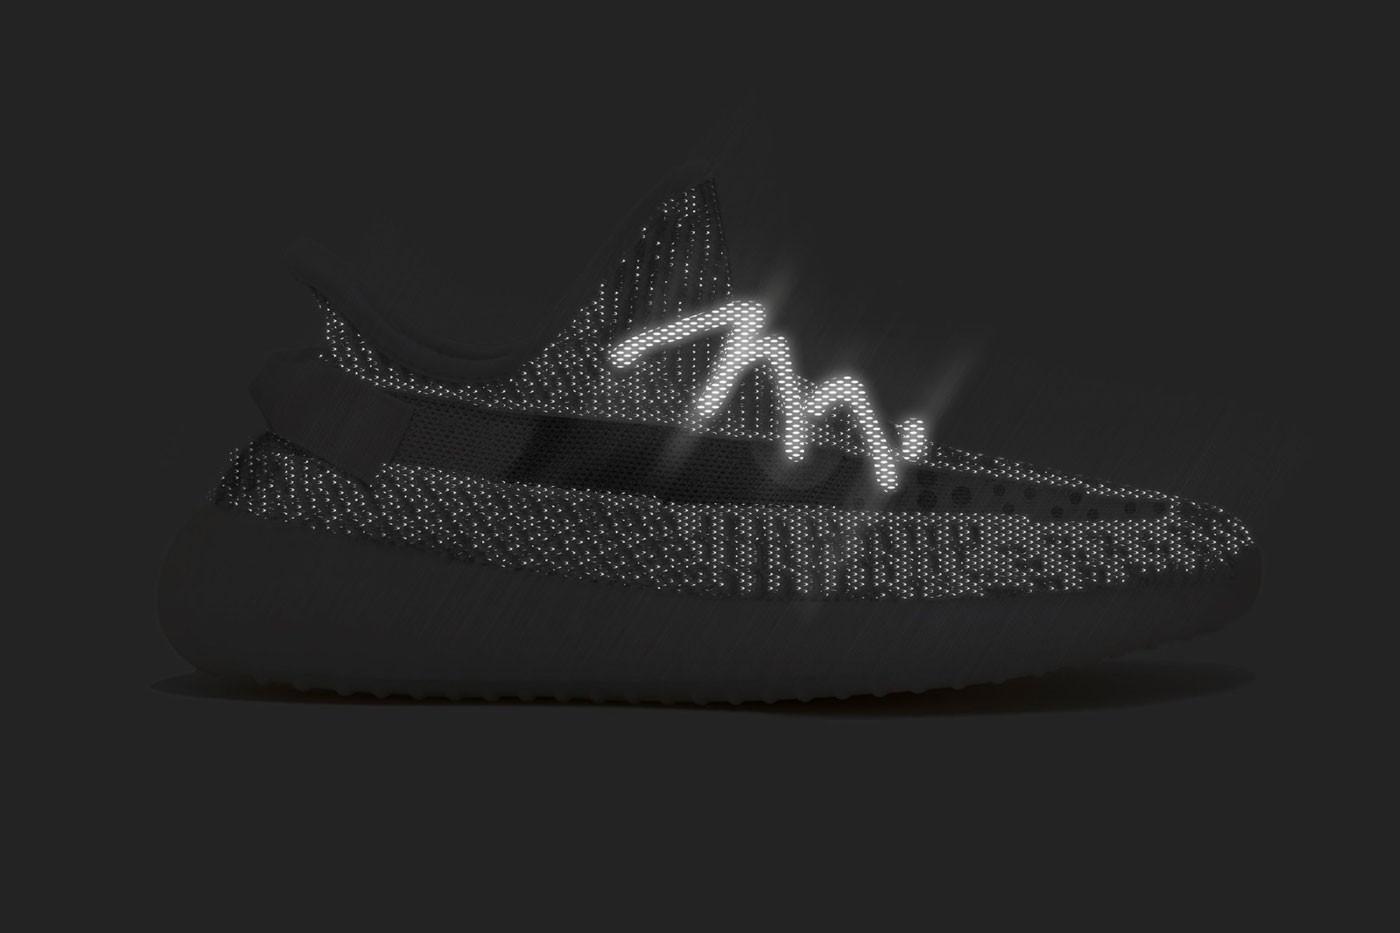 adidas bekräftar datumet för YEEZY BOOST 350 V2